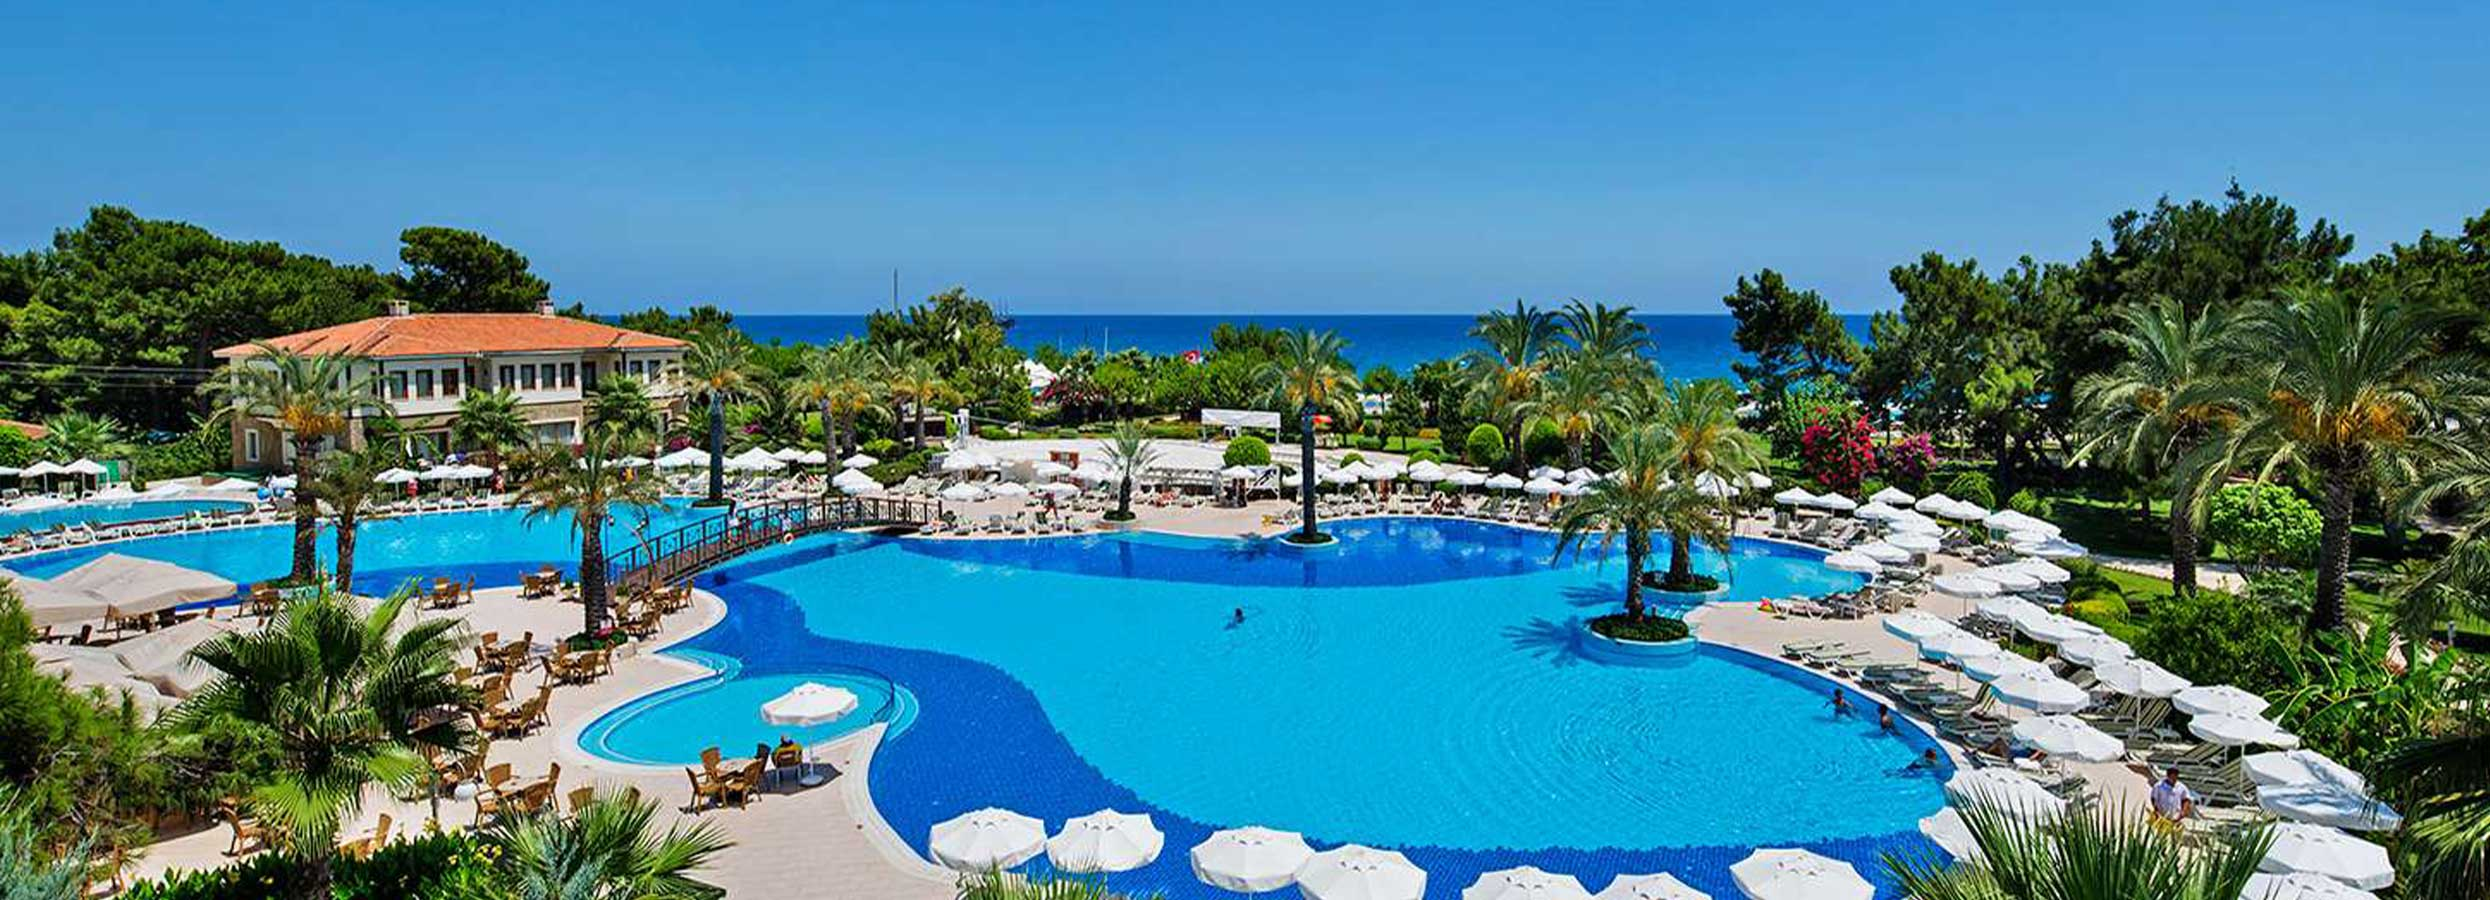 Turiningas poilsis mėgaujantis įspūdingo viešbučio komfortu TURKIJOJE! Savaitė labai gerame 5* viešbutyje QUEENS PARK TEKIROVA!